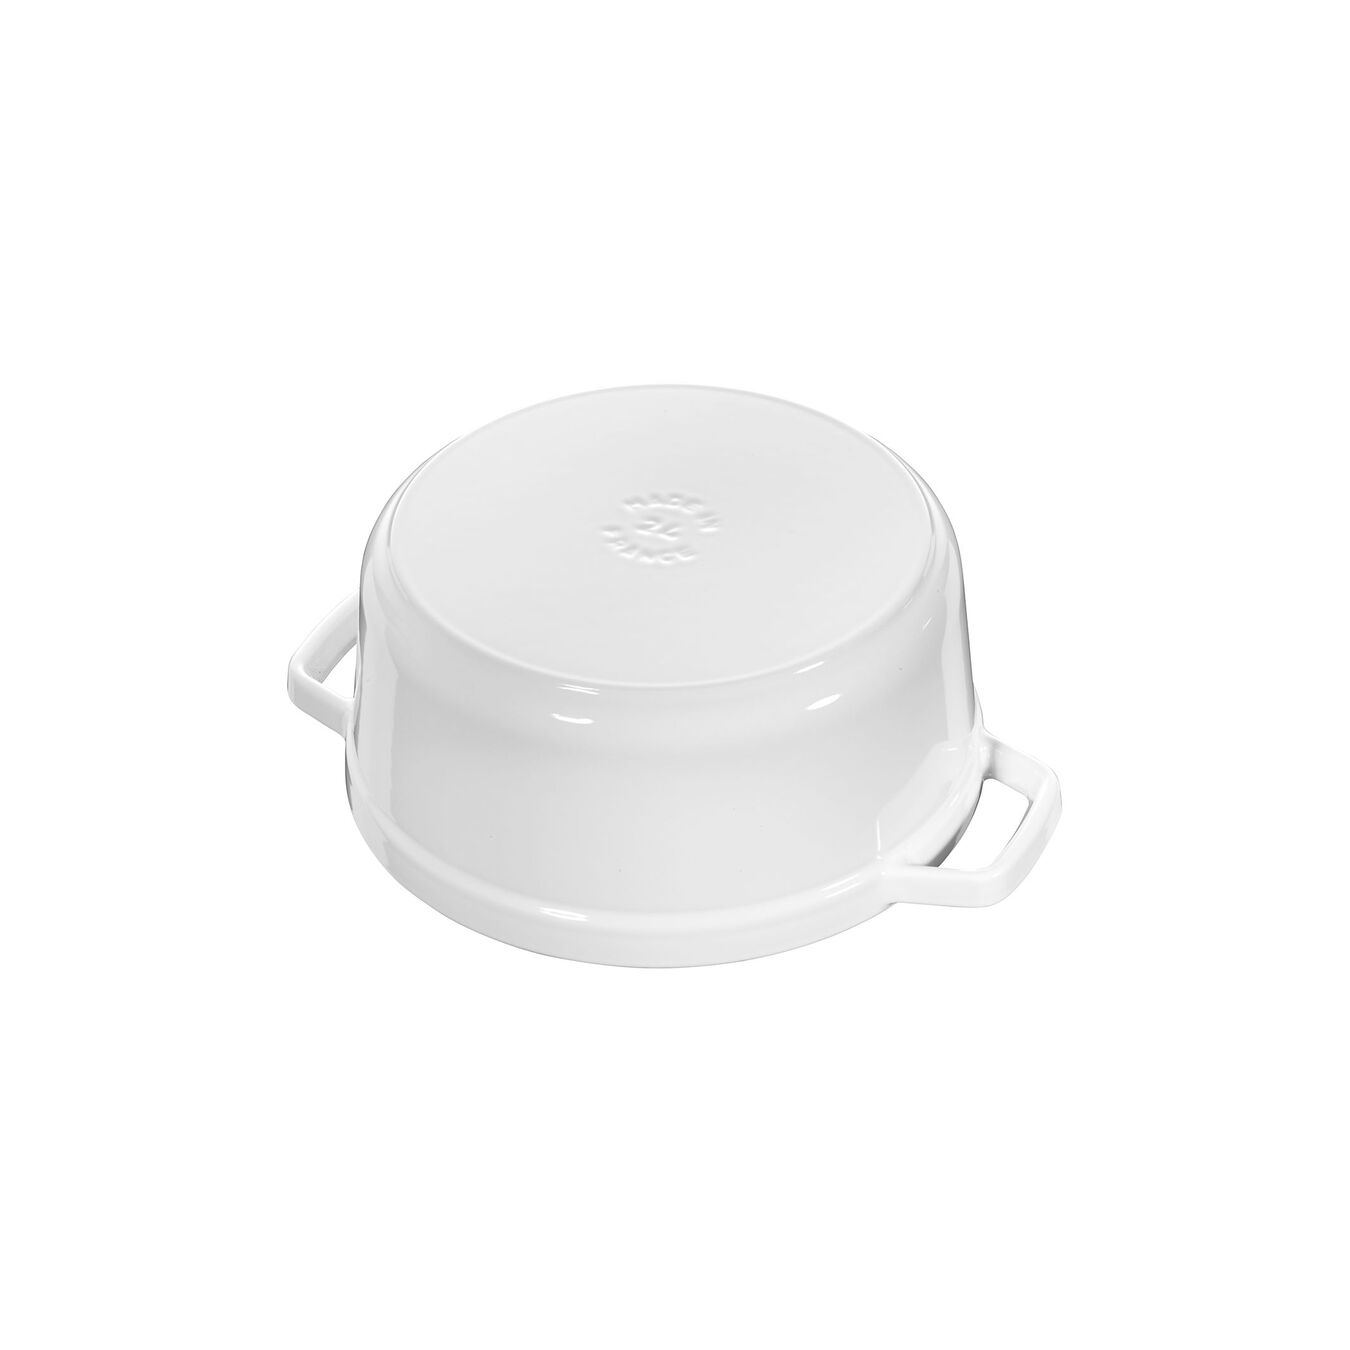 Cocotte 26 cm, Rond(e), Blanc pur, Fonte,,large 2